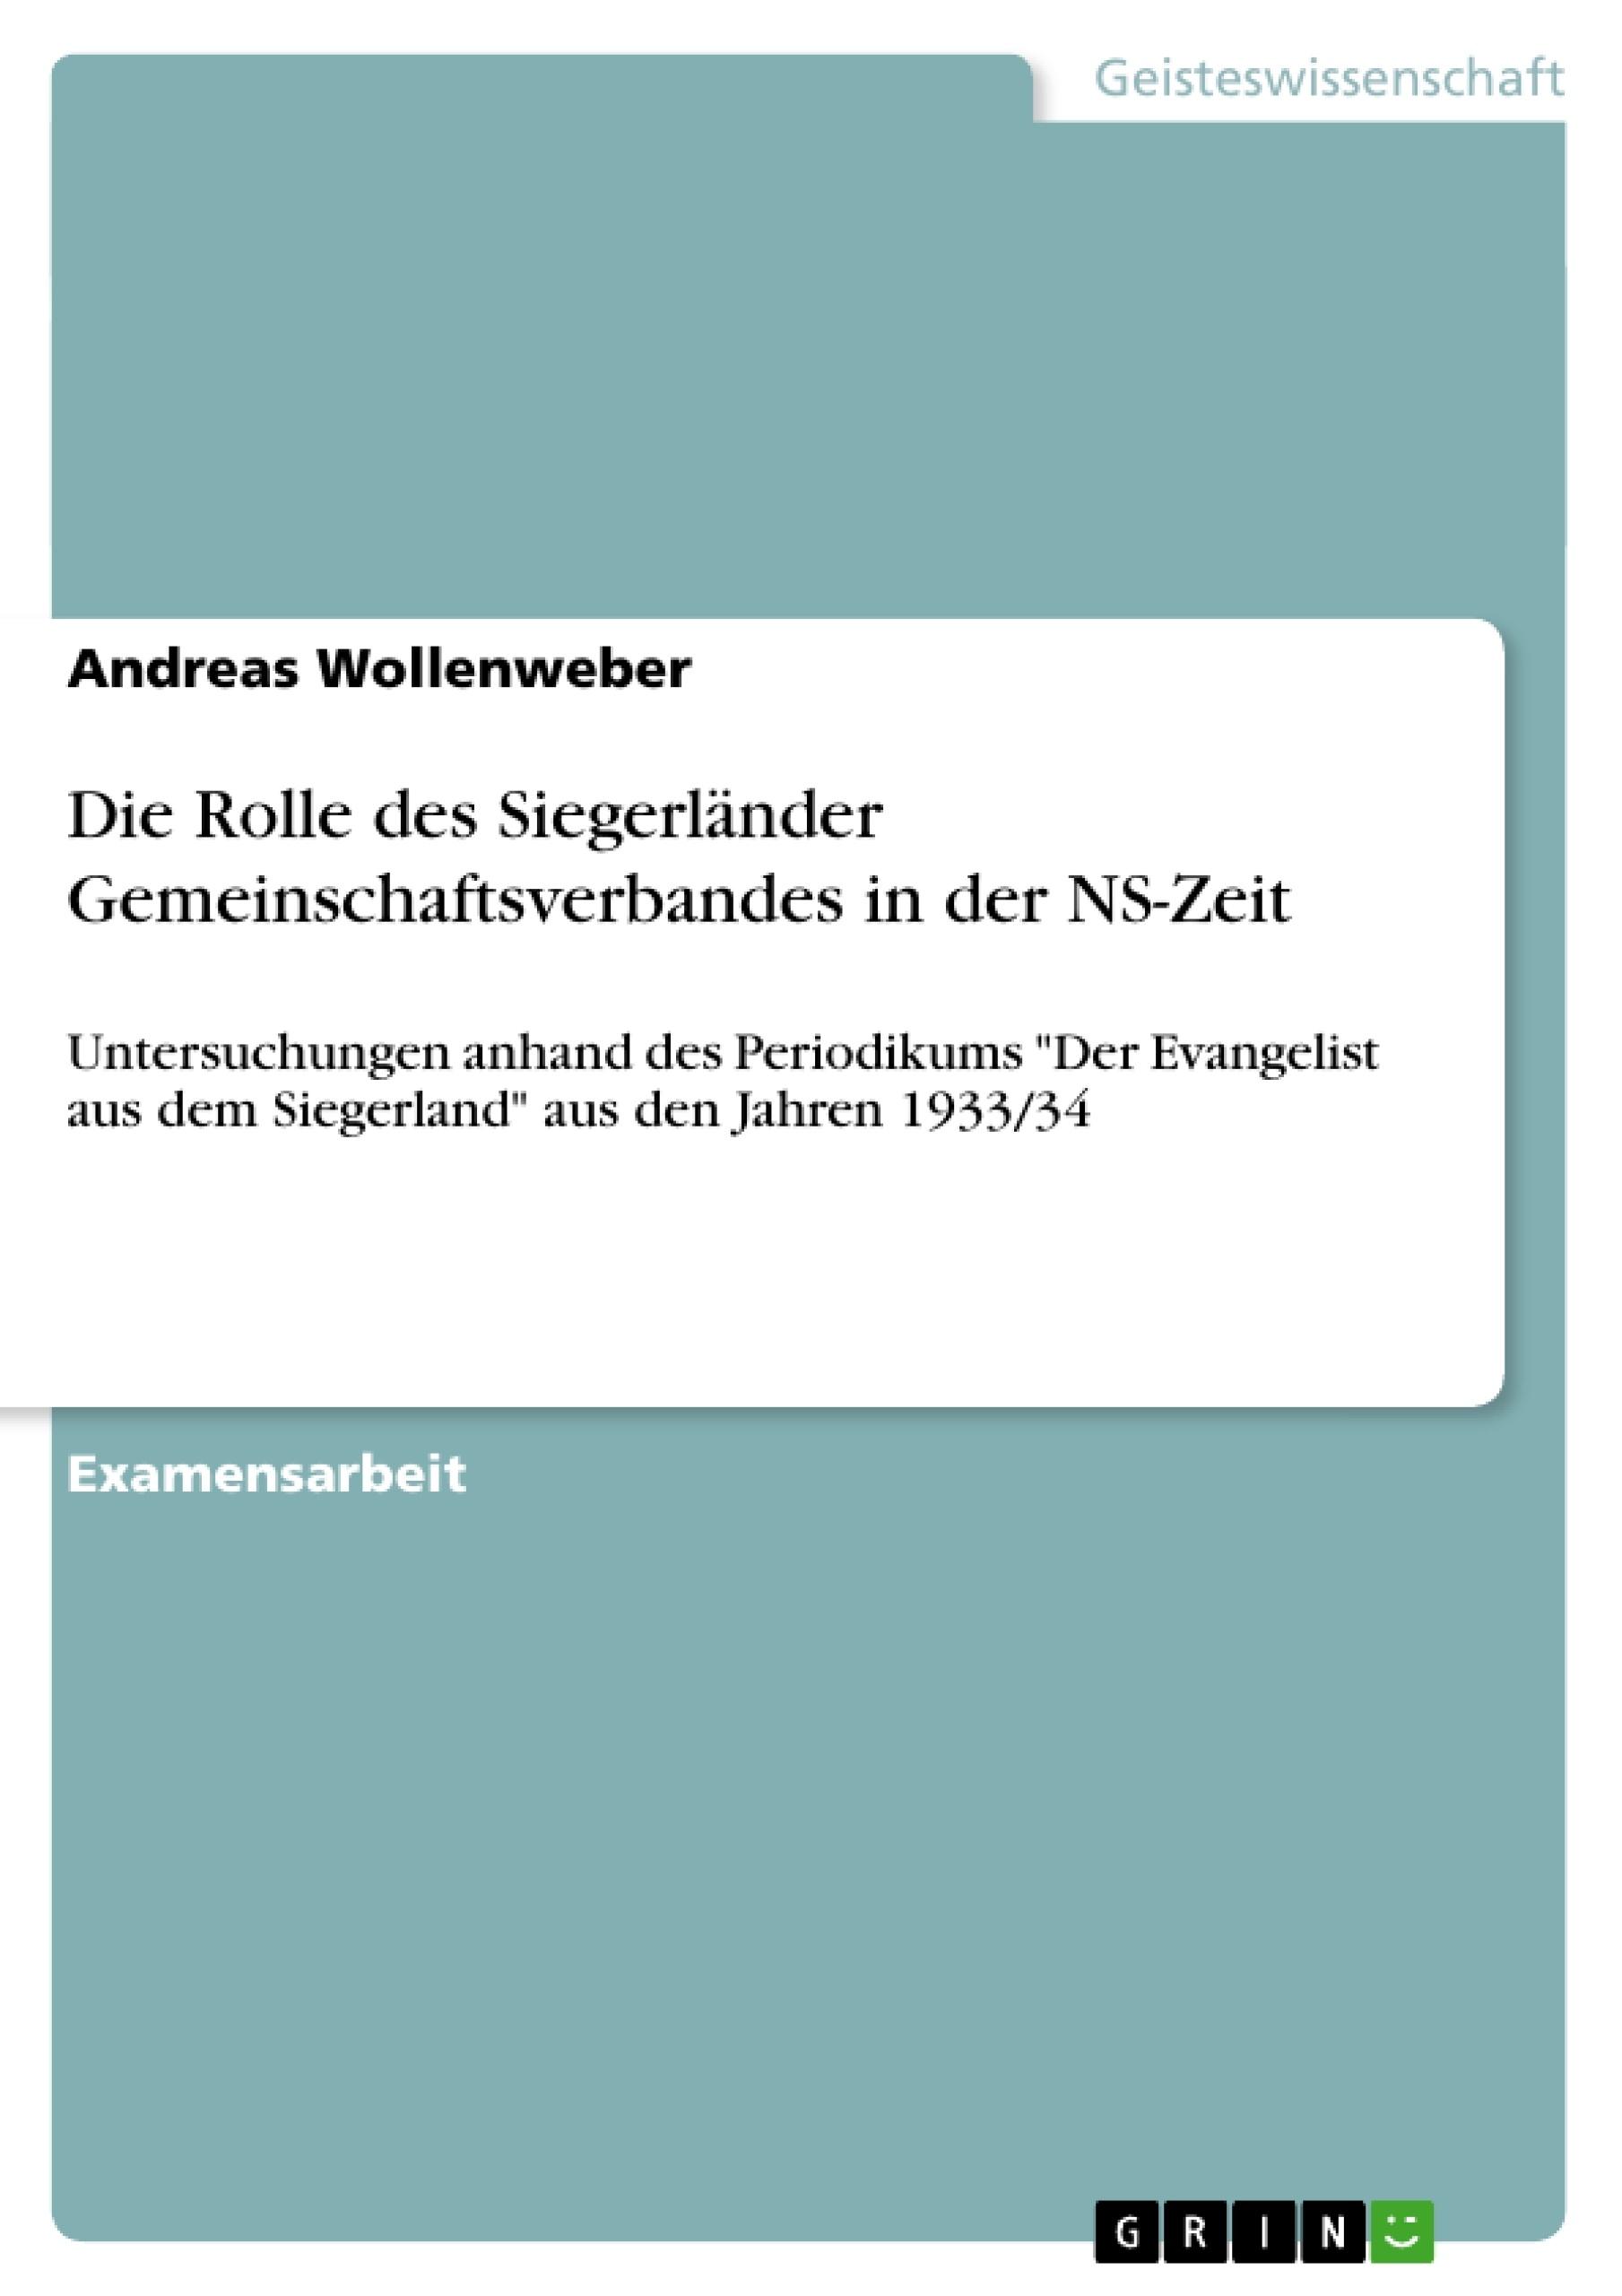 Titel: Die Rolle des Siegerländer Gemeinschaftsverbandes in der NS-Zeit